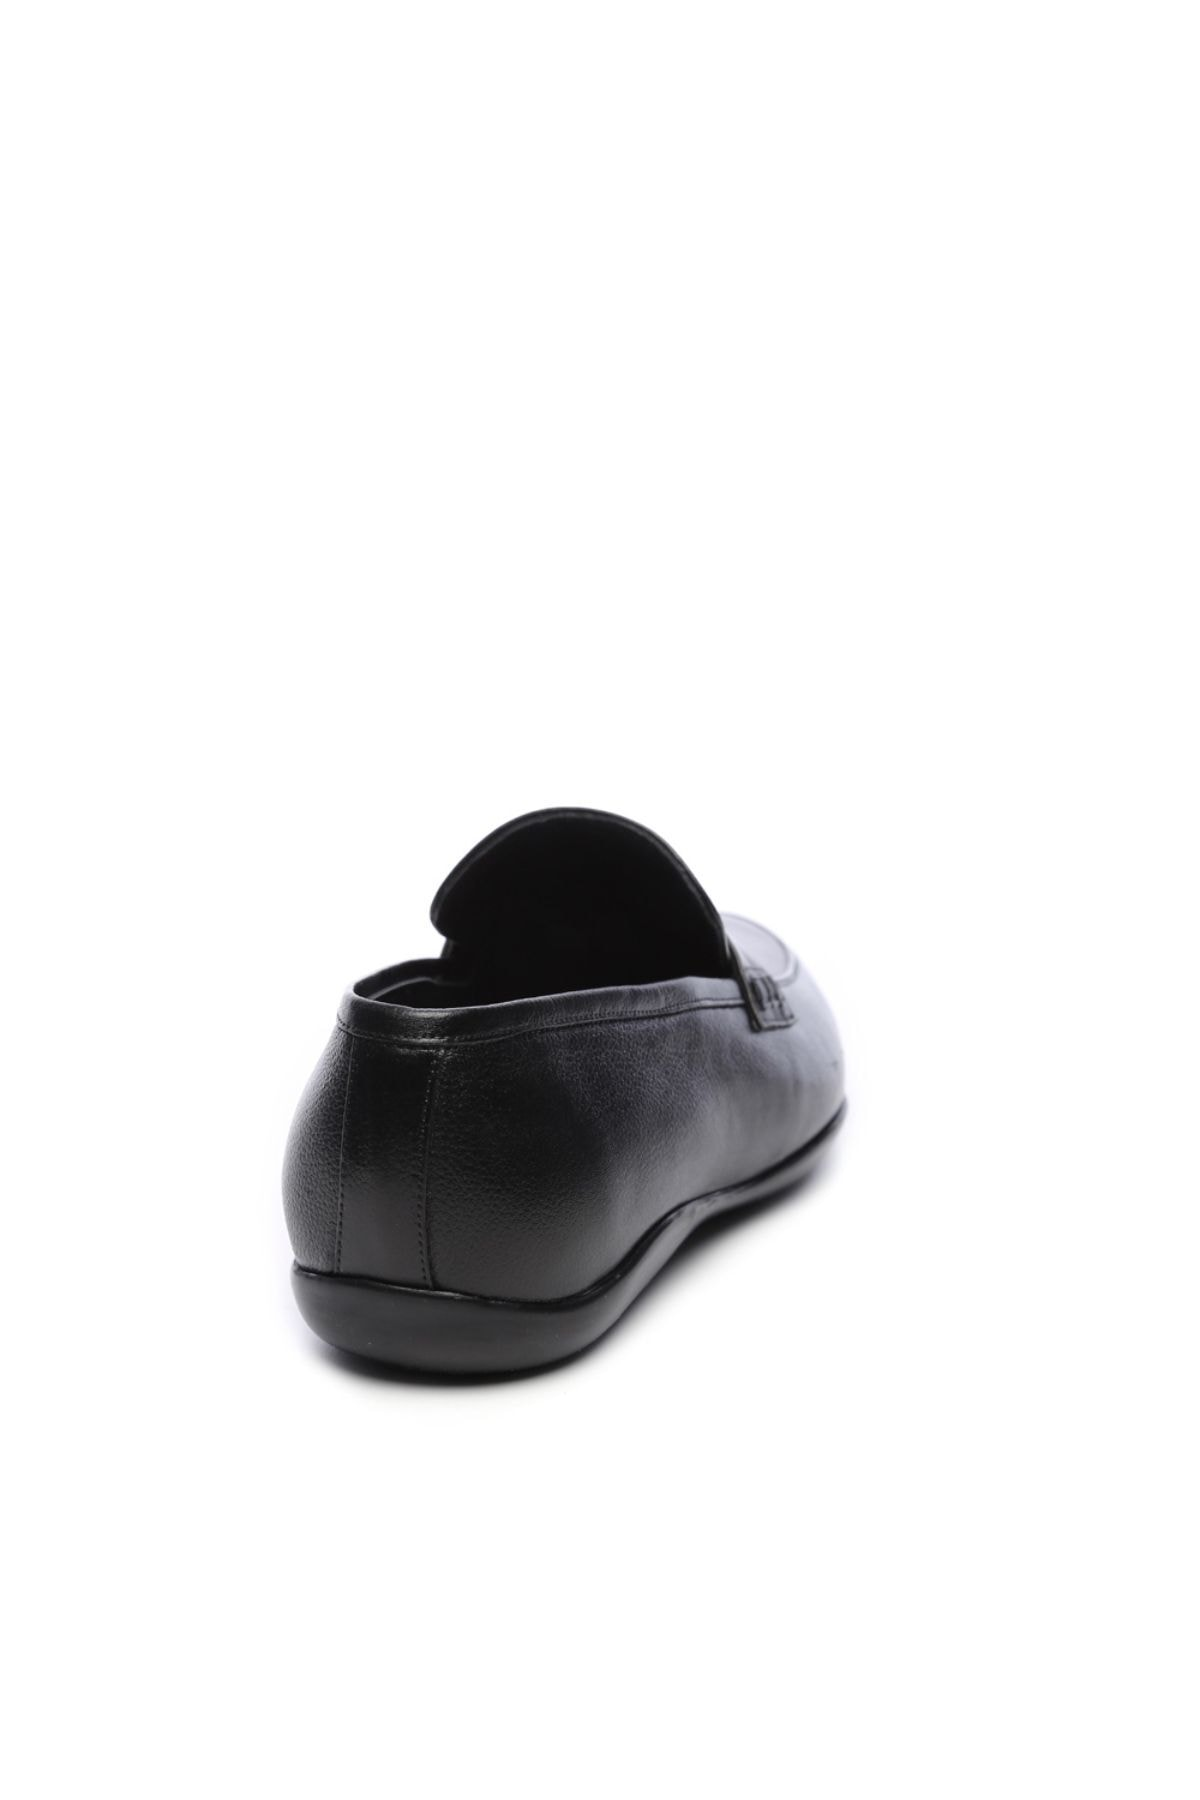 KEMAL TANCA Erkek Derı Loafer Ayakkabı 183 13807 HTA ERK AYK Y19 2